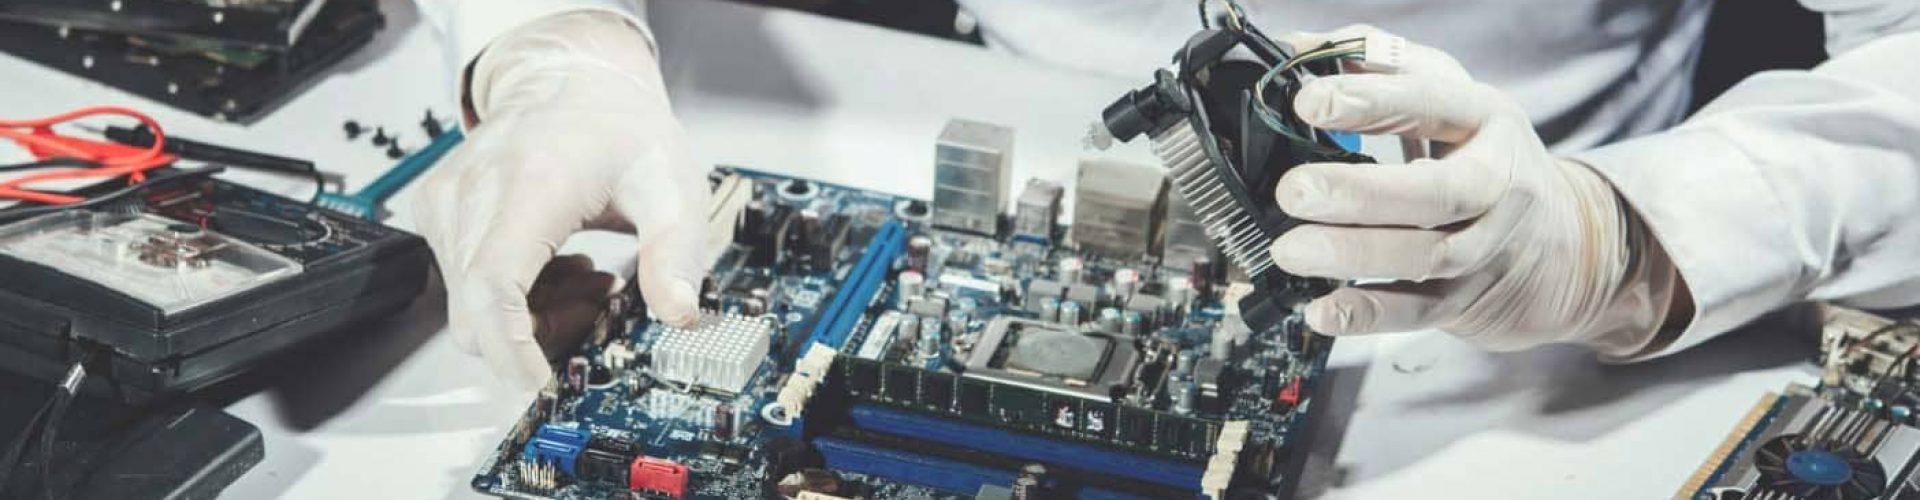 Reparación de ordenadores en Cercedilla con desplazamiento gratuito